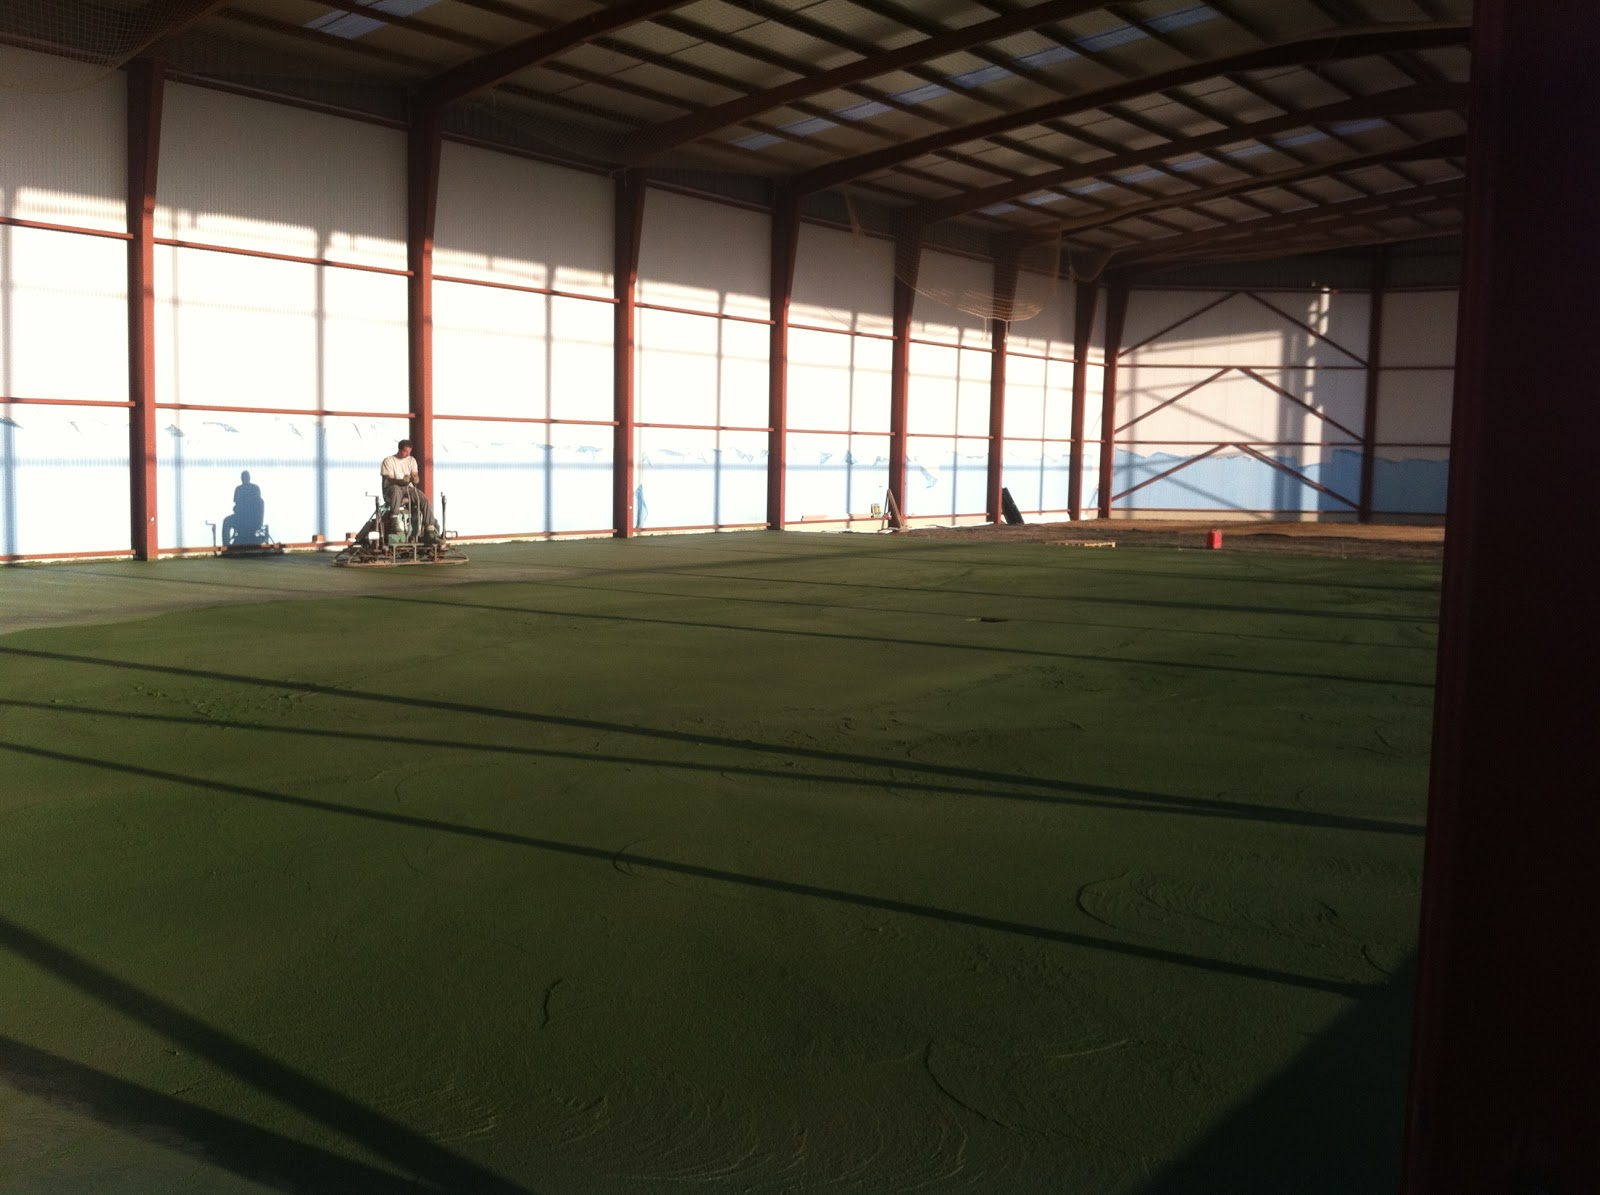 Bhetta pavimento pulido hormigon verde - Pavimento hormigon pulido ...